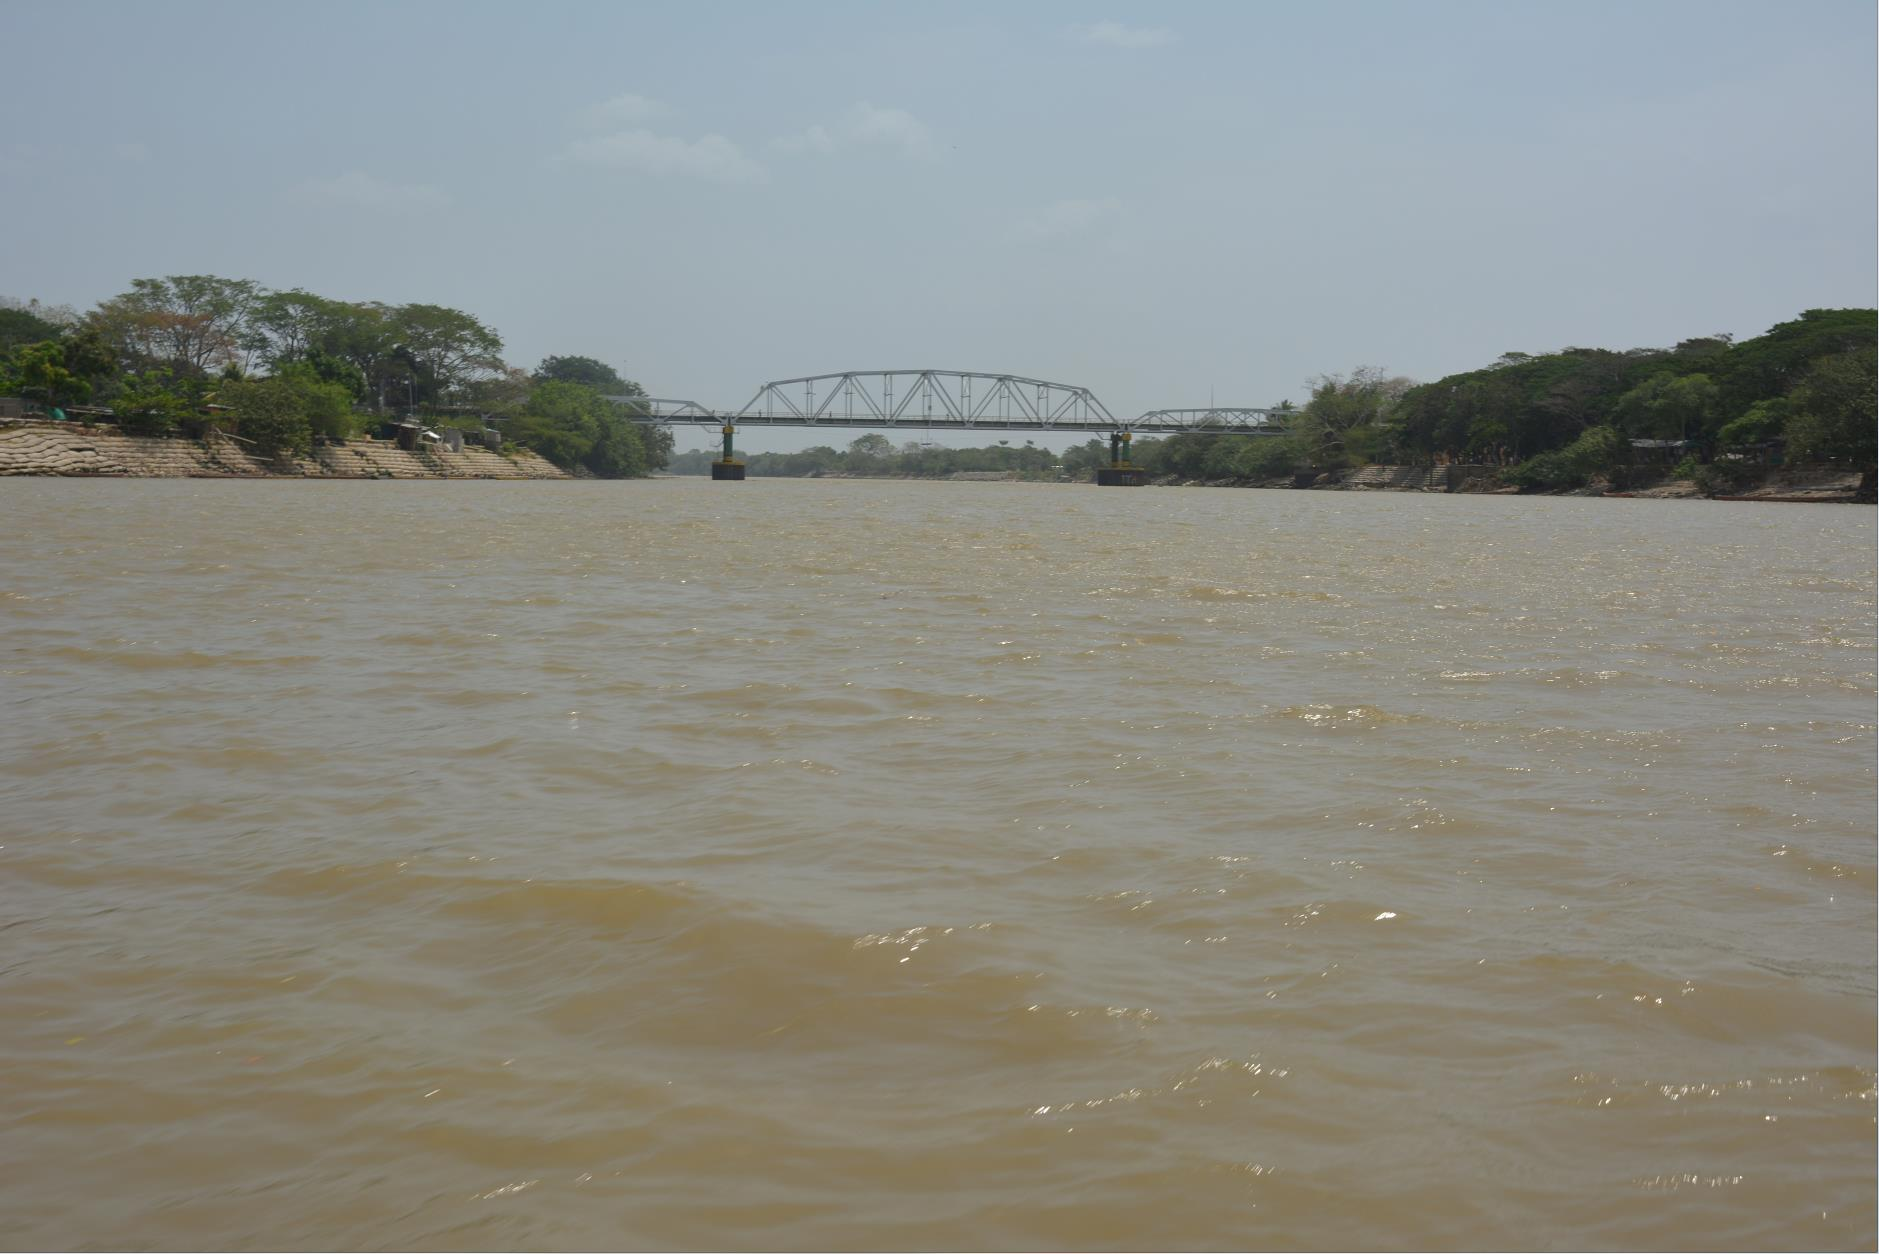 Bomberos de Arauca busca cuerpo de joven de 21 años que al parecer murió por inmersión. Nadaba solo en el sector de Miramar.